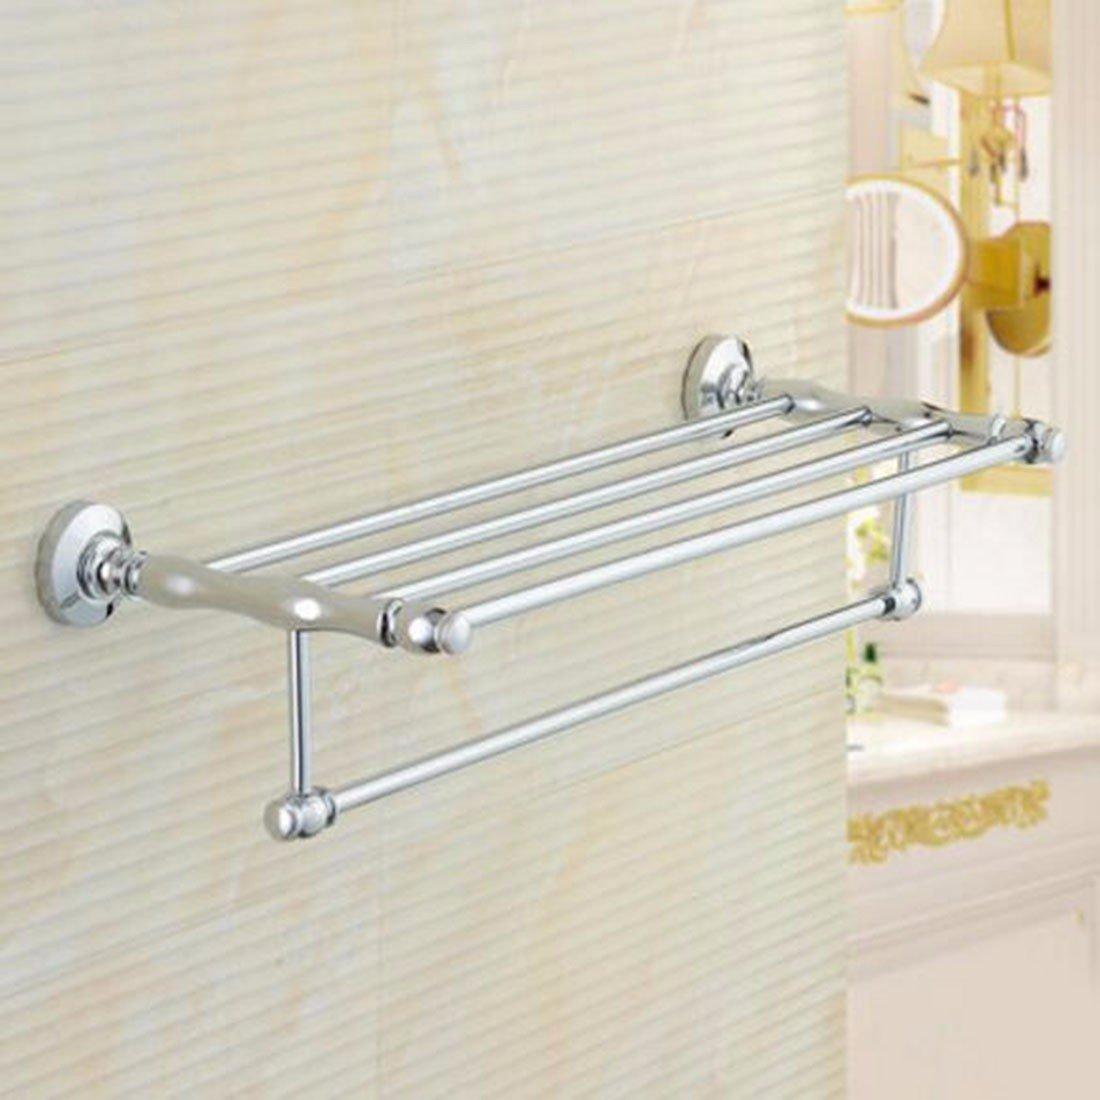 Sursy Badezimmer Hardware hängen, alle Kupfer bad Handtuchhalter, double layer Europäischen antike Handtuchhalter, Badezimmer Rack